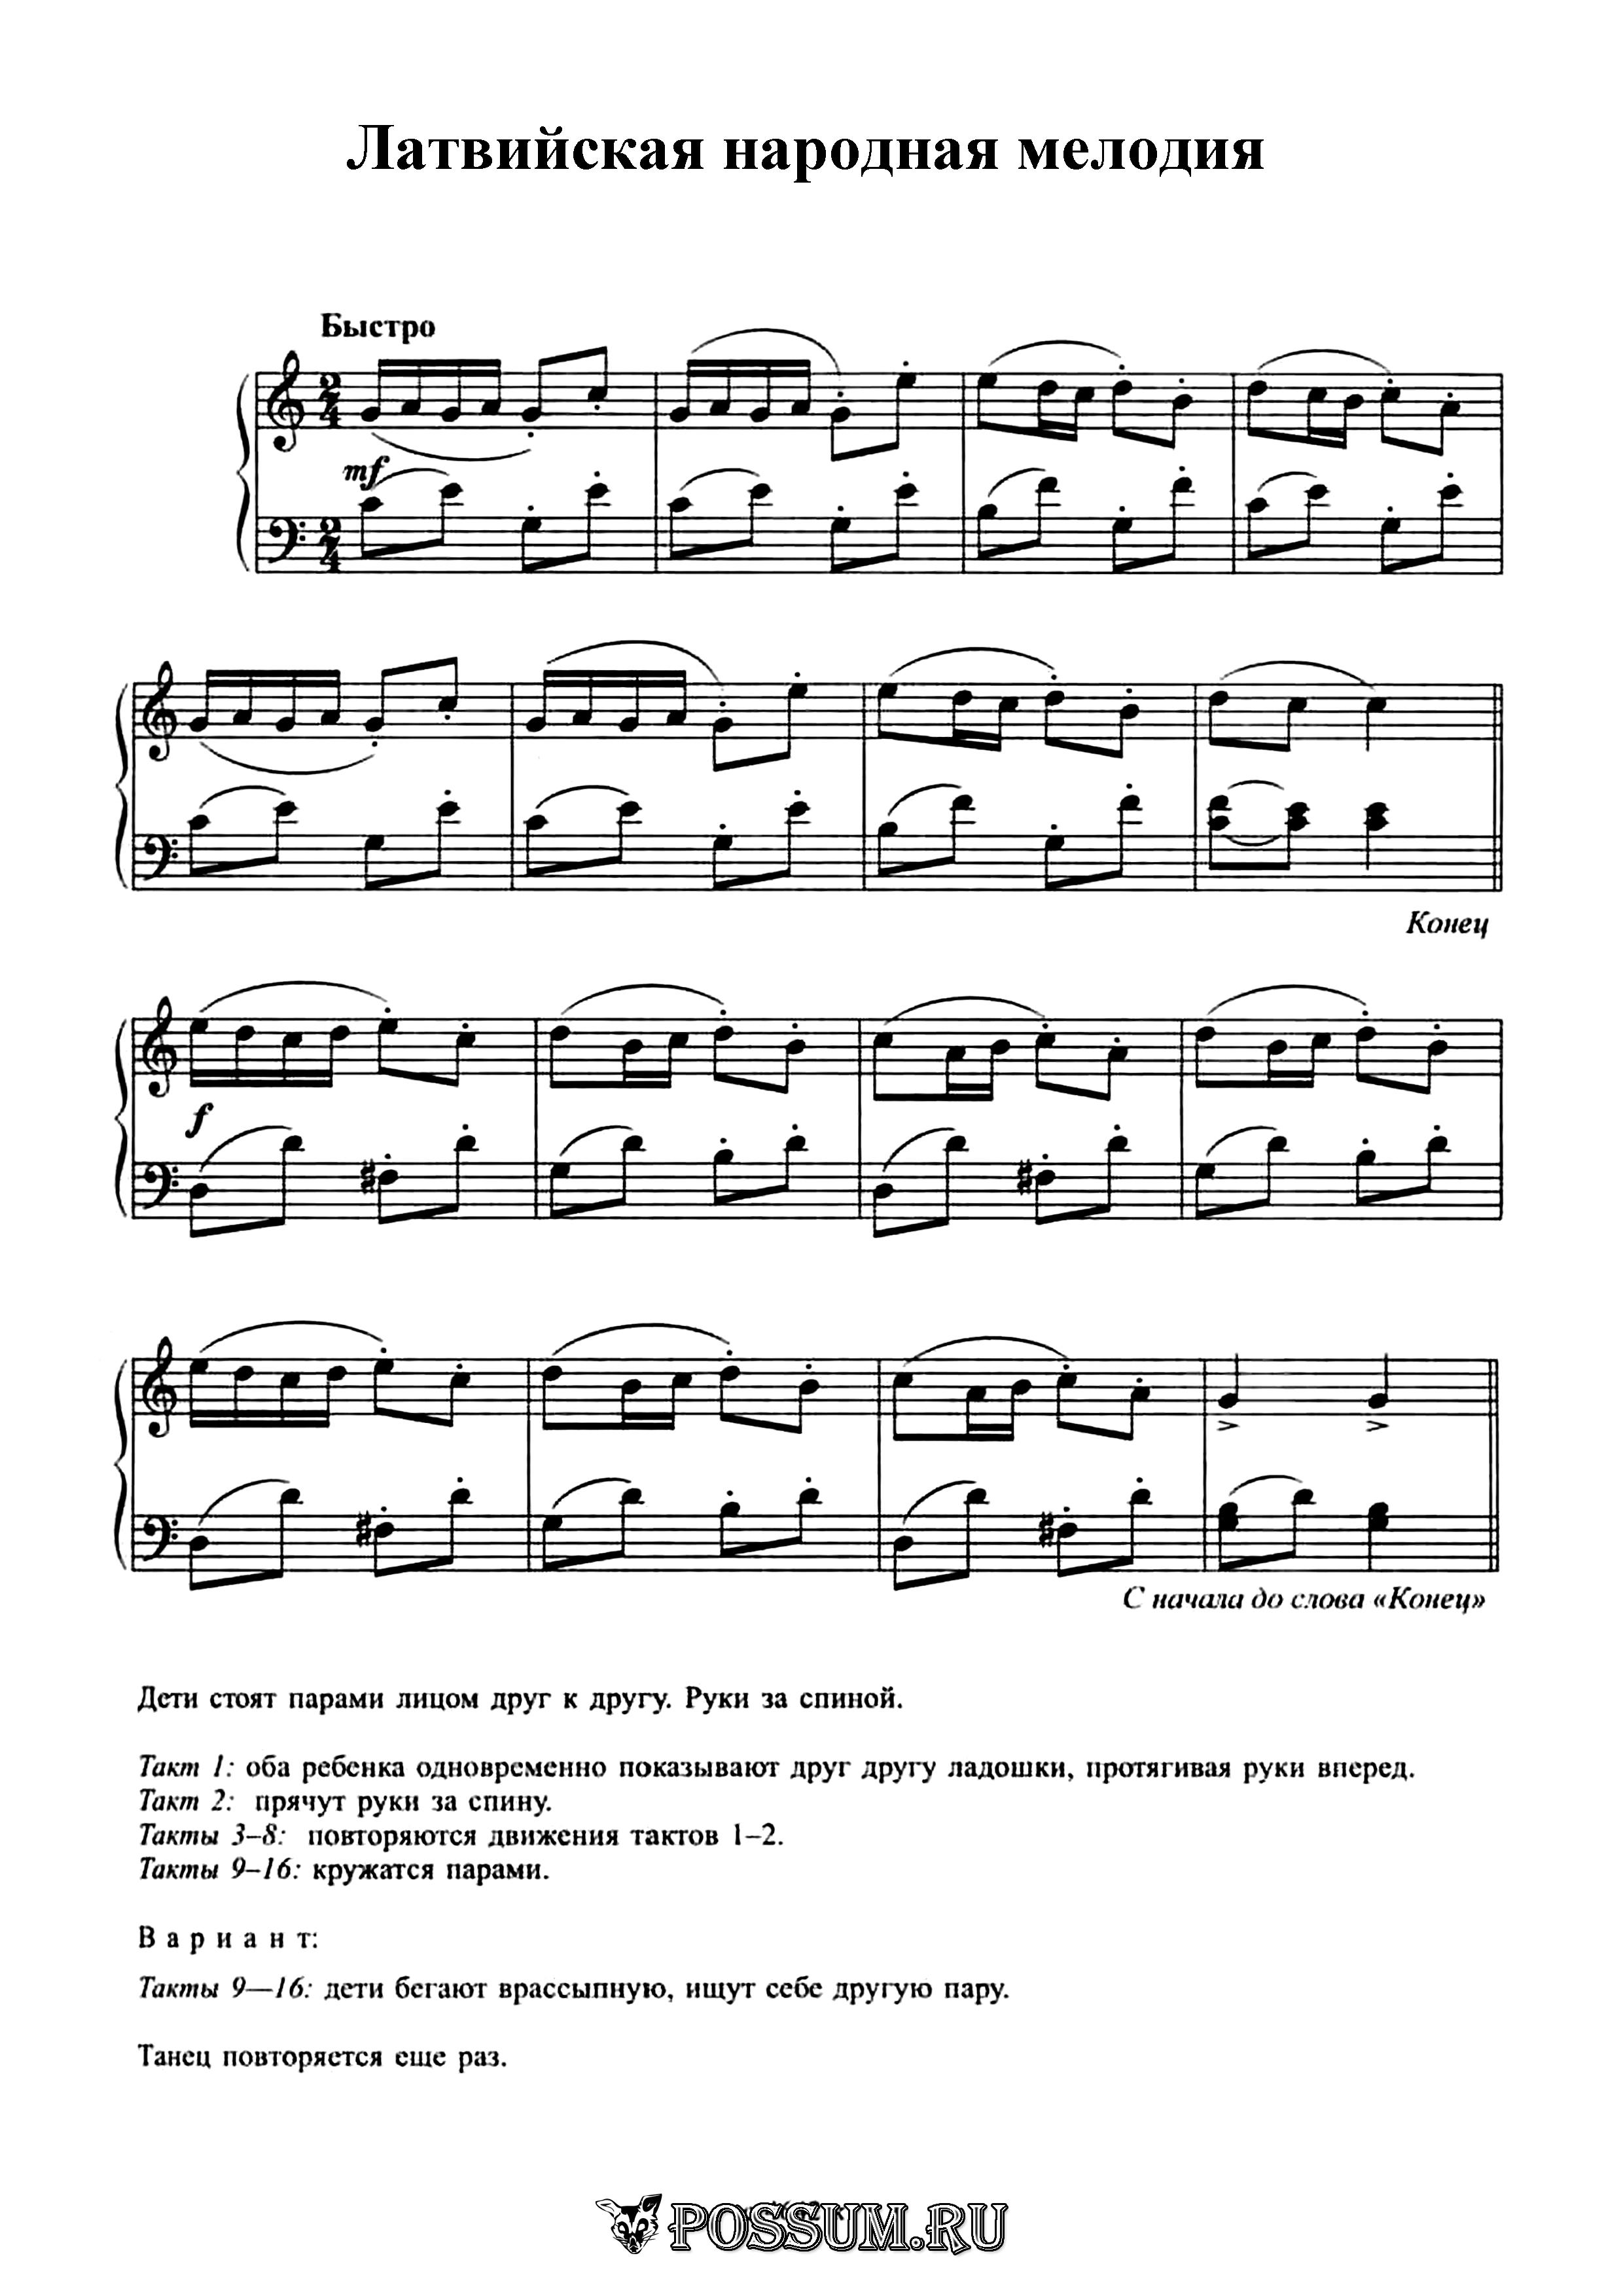 Детские народные мелодии скачать бесплатно